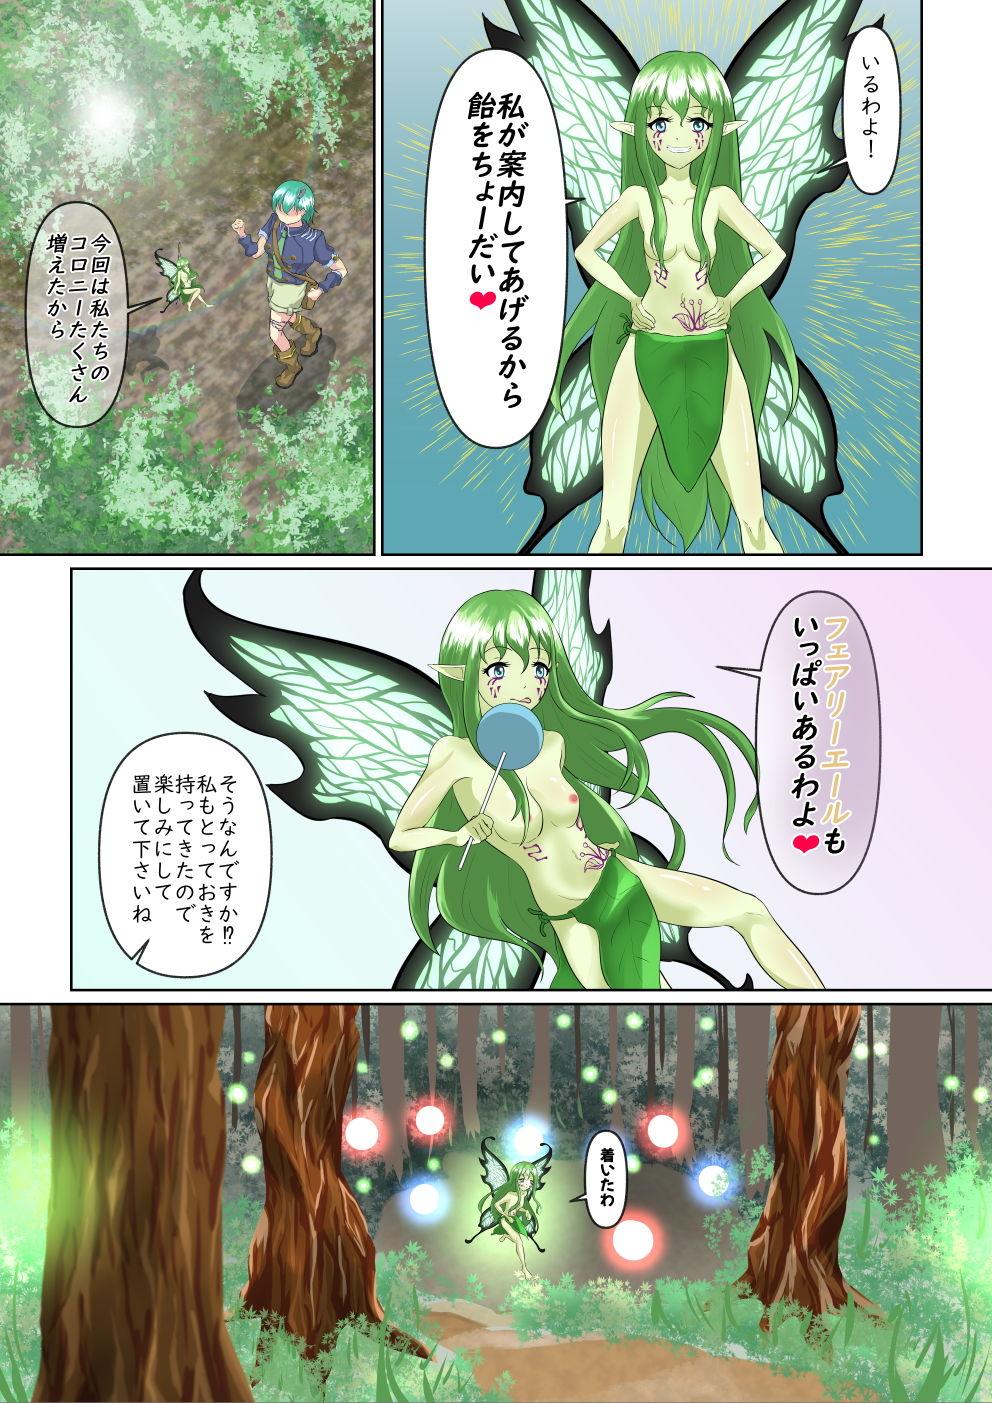 商人娘の前では乳色に染まる(2) フェアリーエールは妖精の聖水